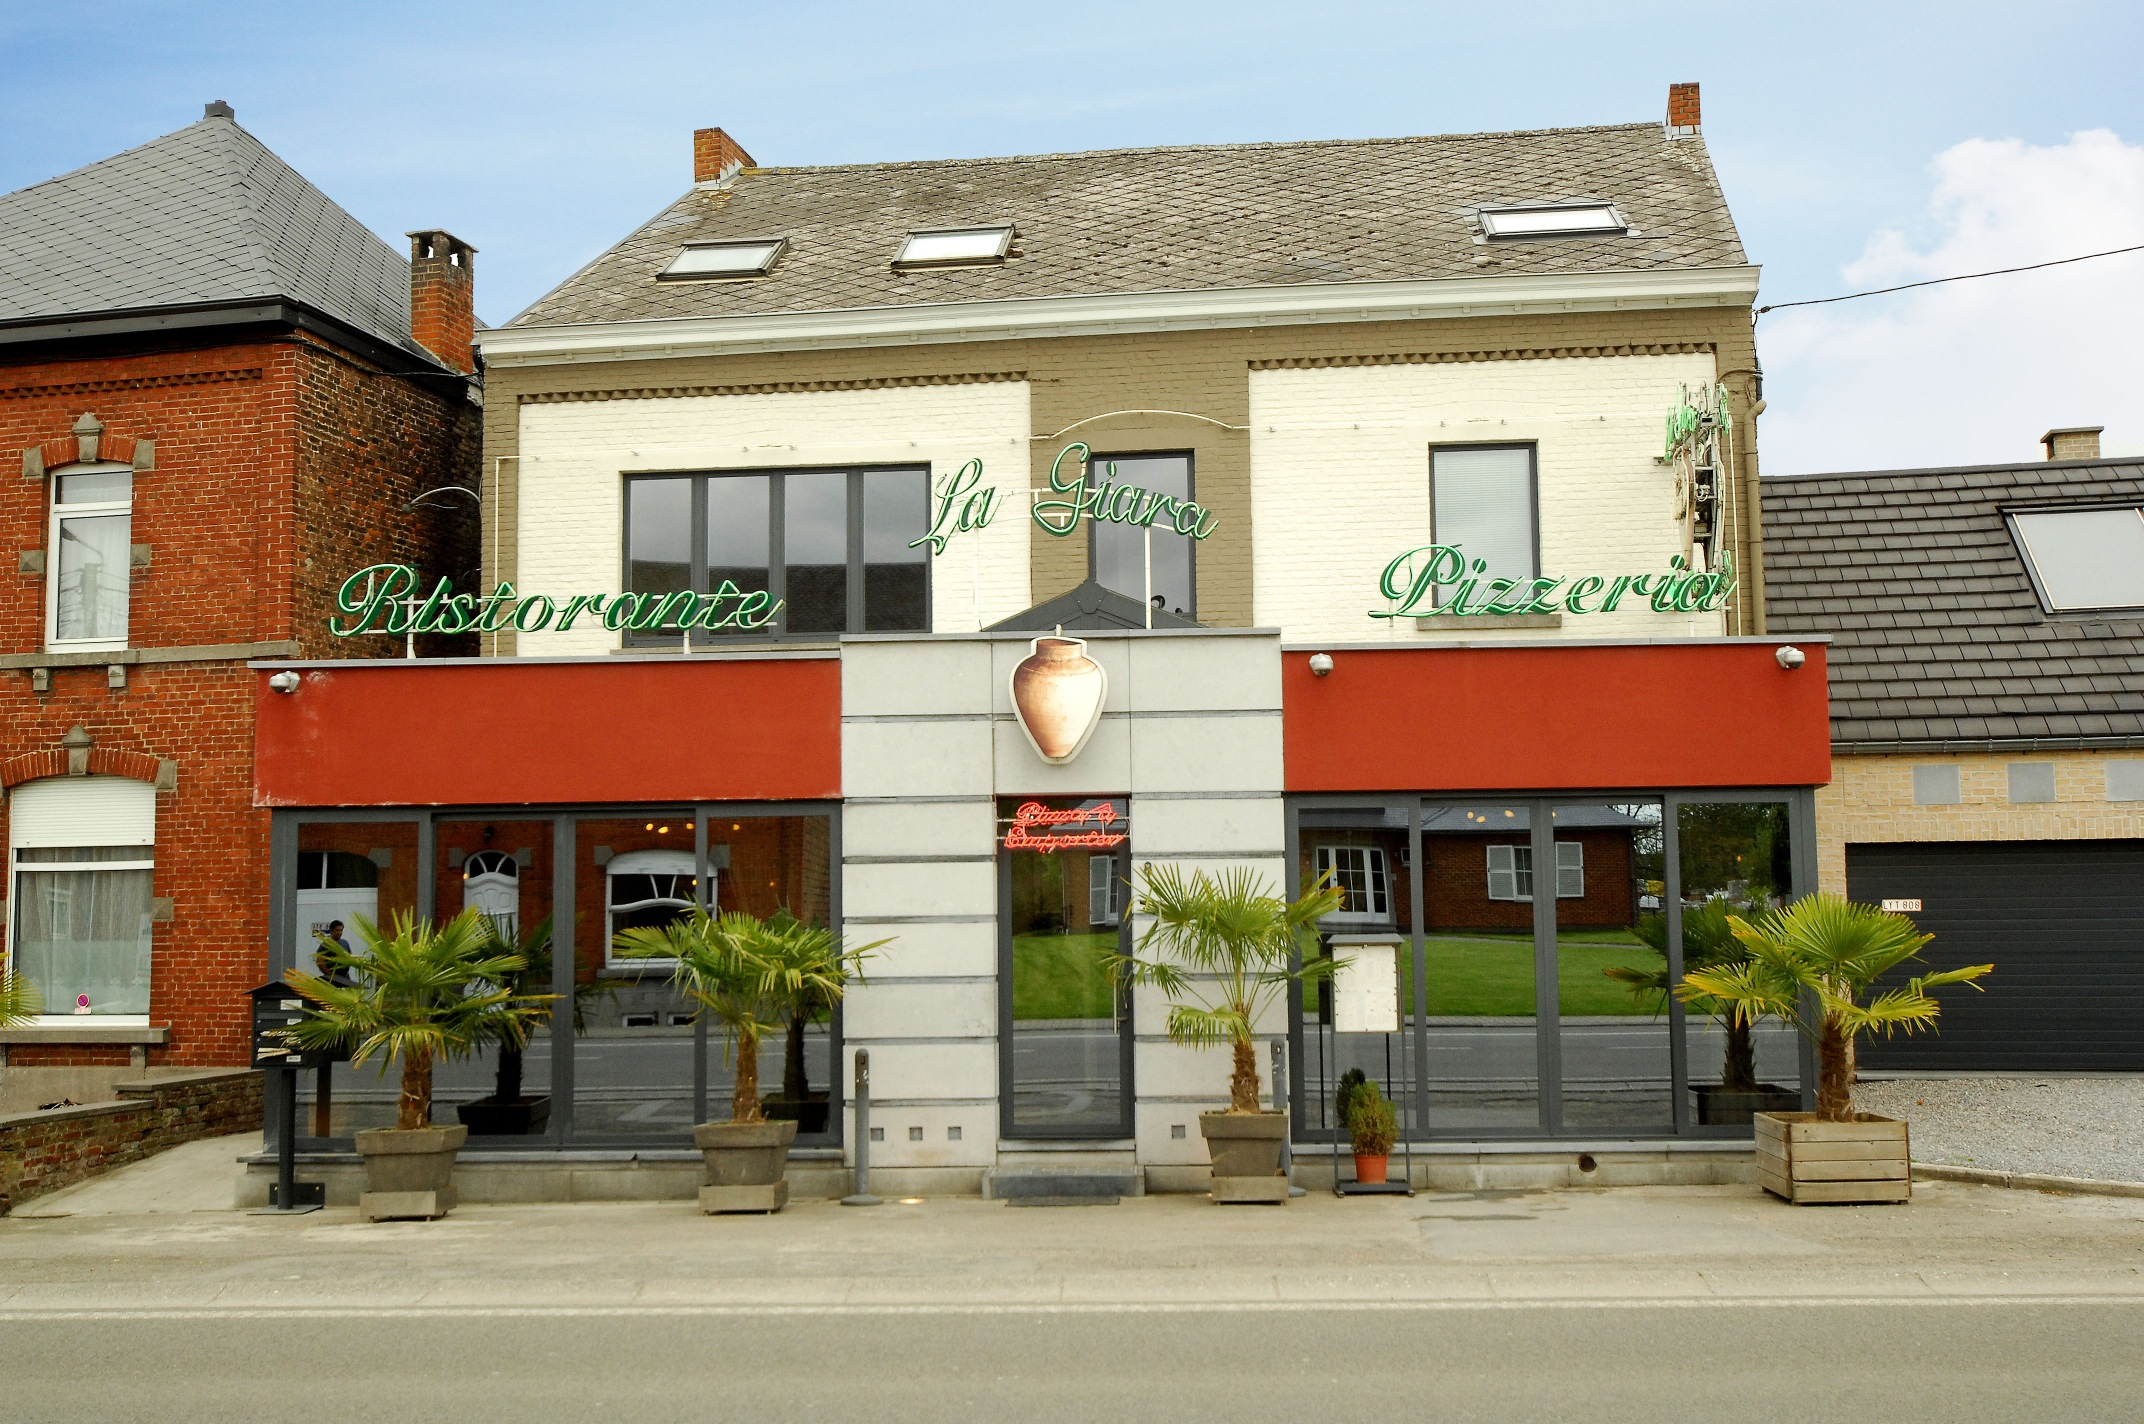 La giara restaurant italien velaine sur sambre 5060 for Restaurant italien 95